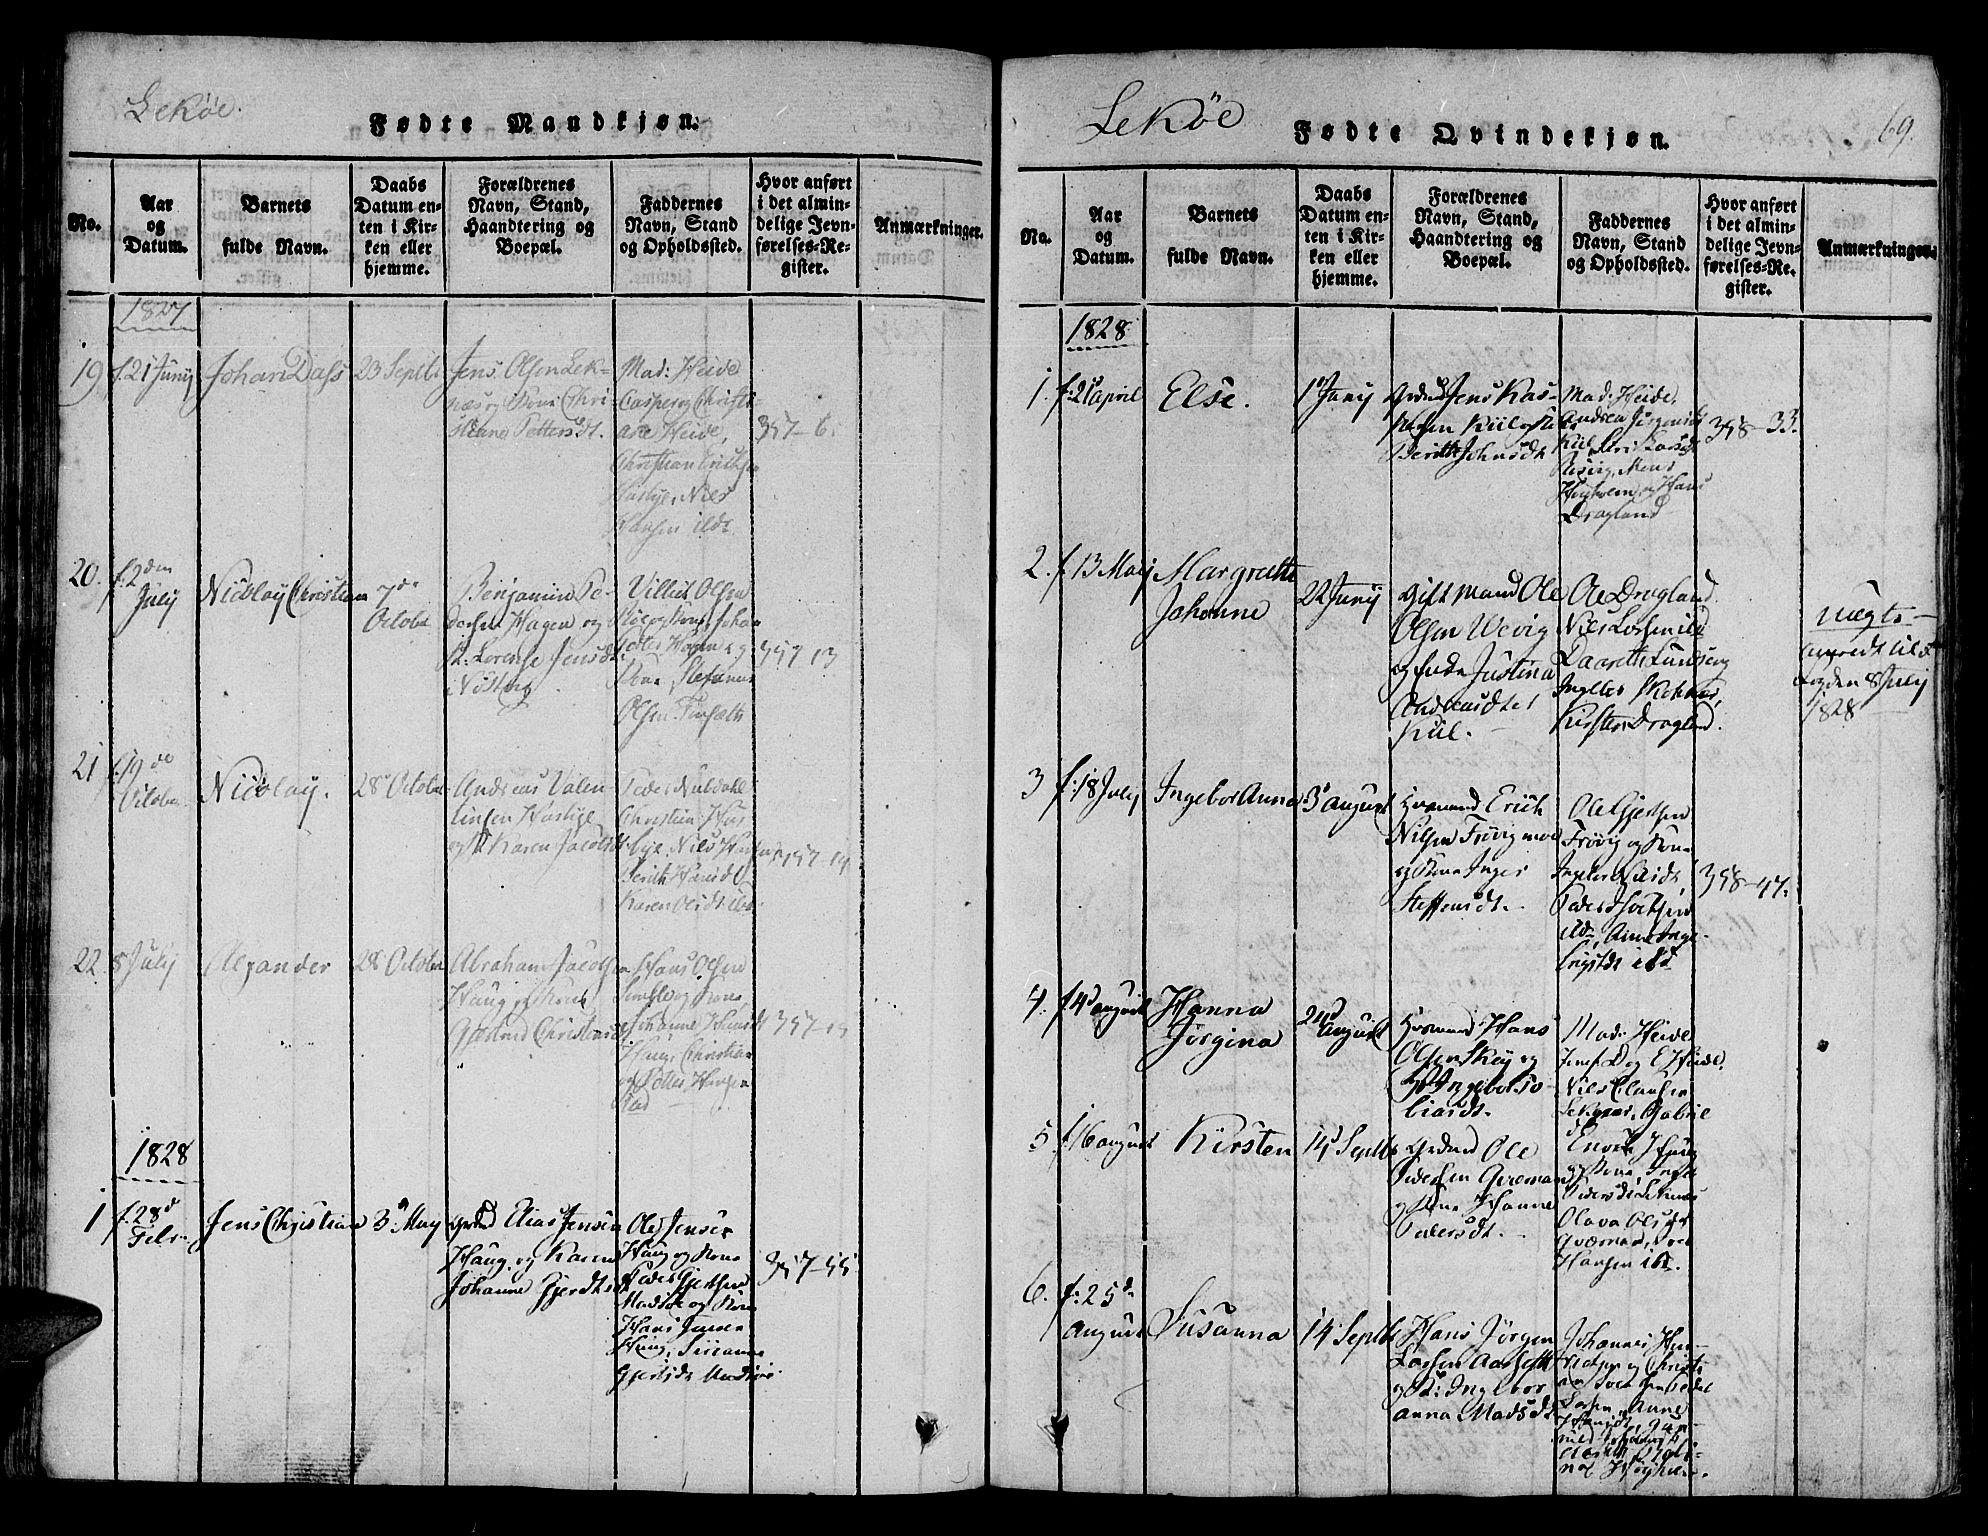 SAT, Ministerialprotokoller, klokkerbøker og fødselsregistre - Nord-Trøndelag, 780/L0636: Ministerialbok nr. 780A03 /2, 1815-1829, s. 69